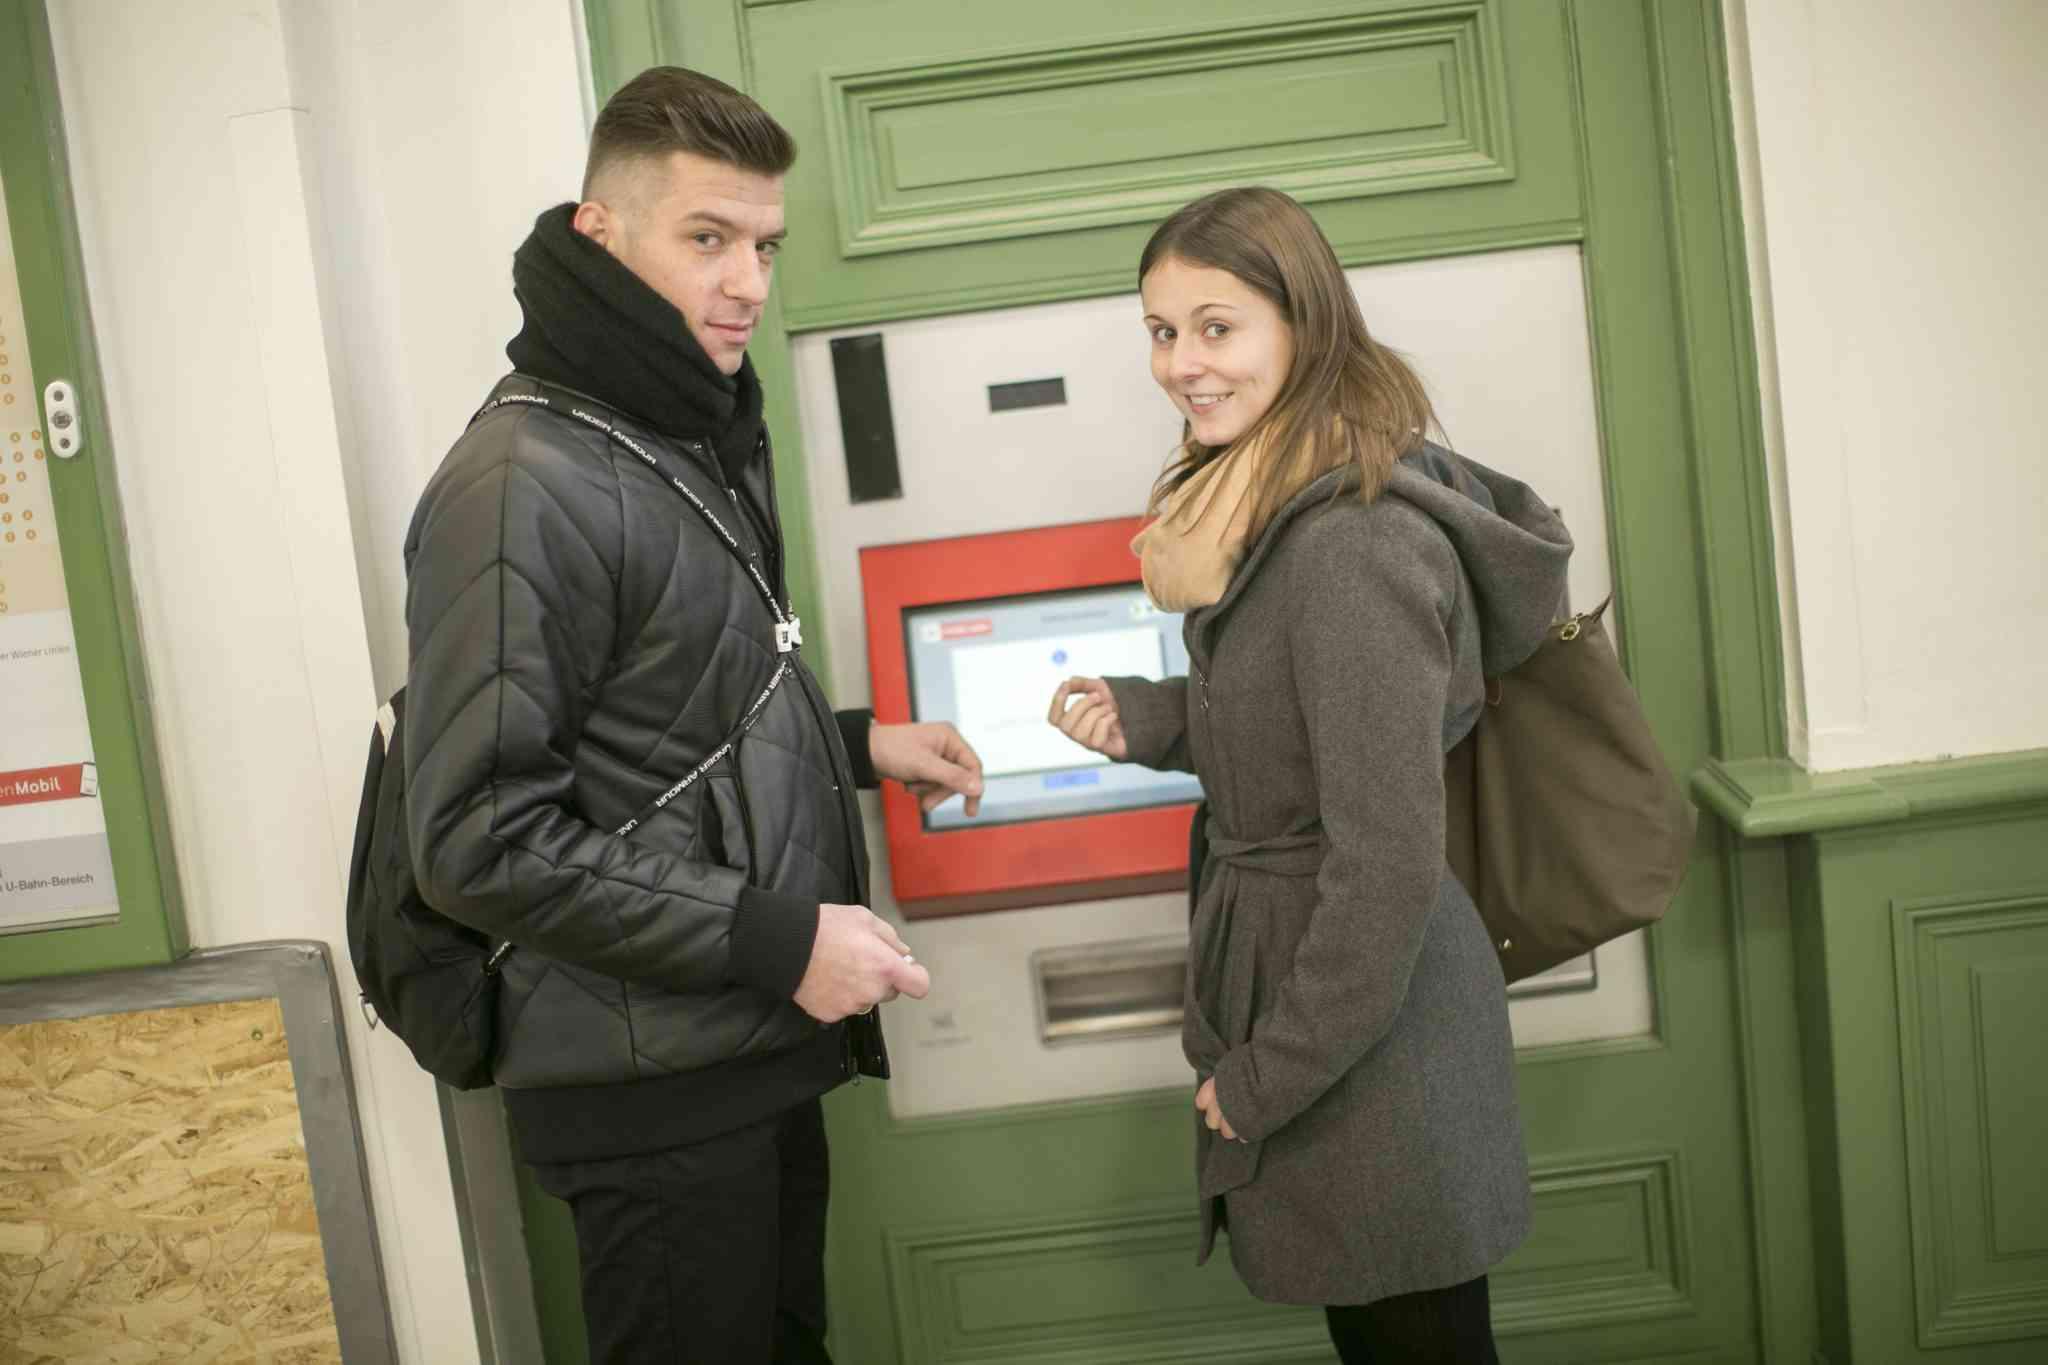 Kontrolleure helfen auch bei der Bedienung von Ticketautomaten.